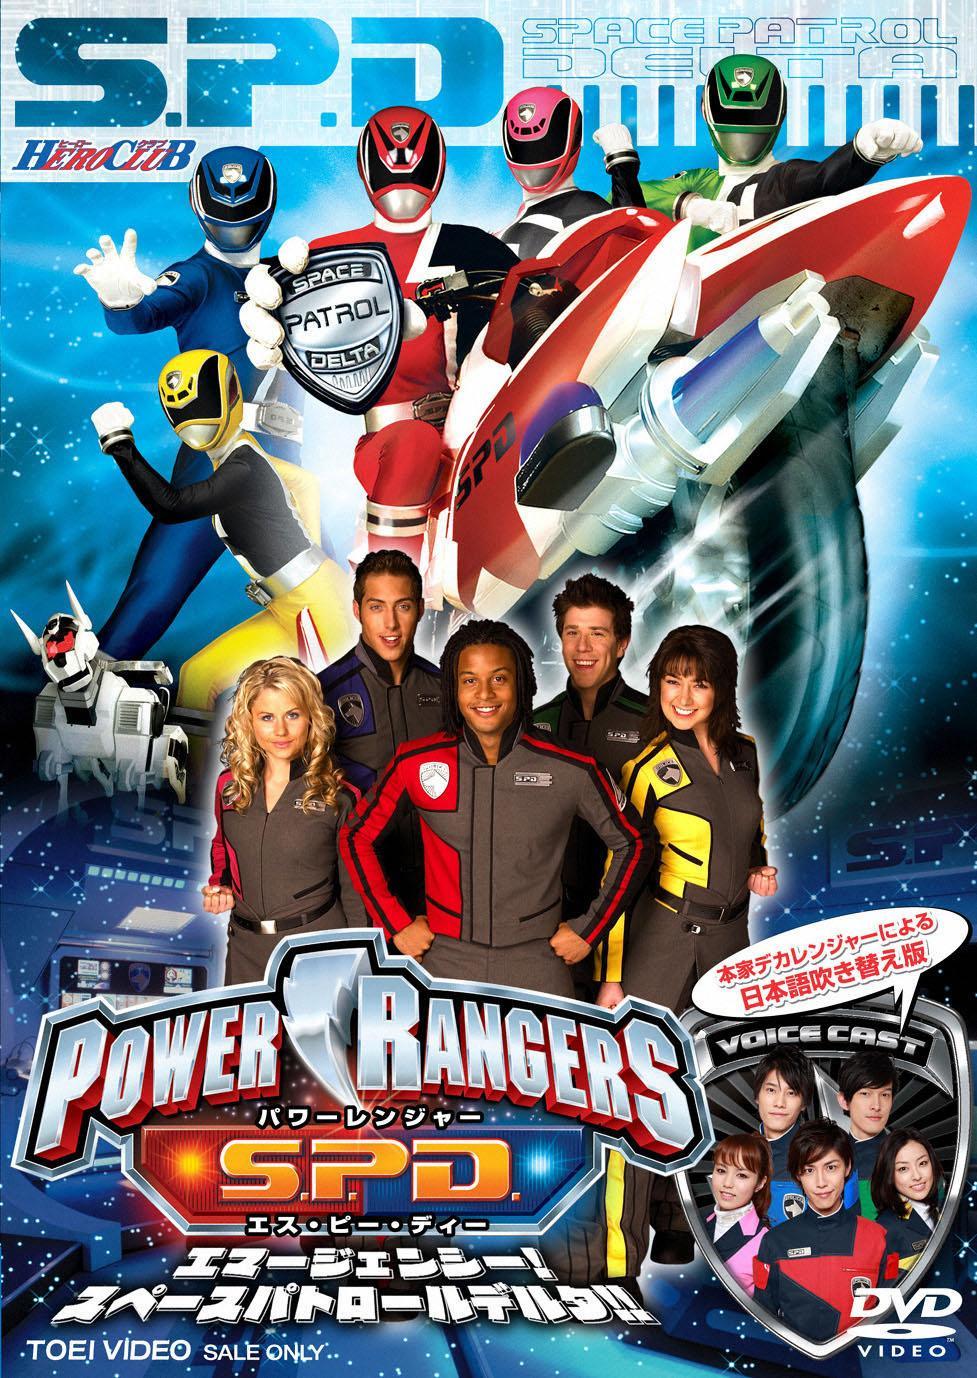 ヒーロークラブ POWER RANGERS S.P.D のサムネイル画像